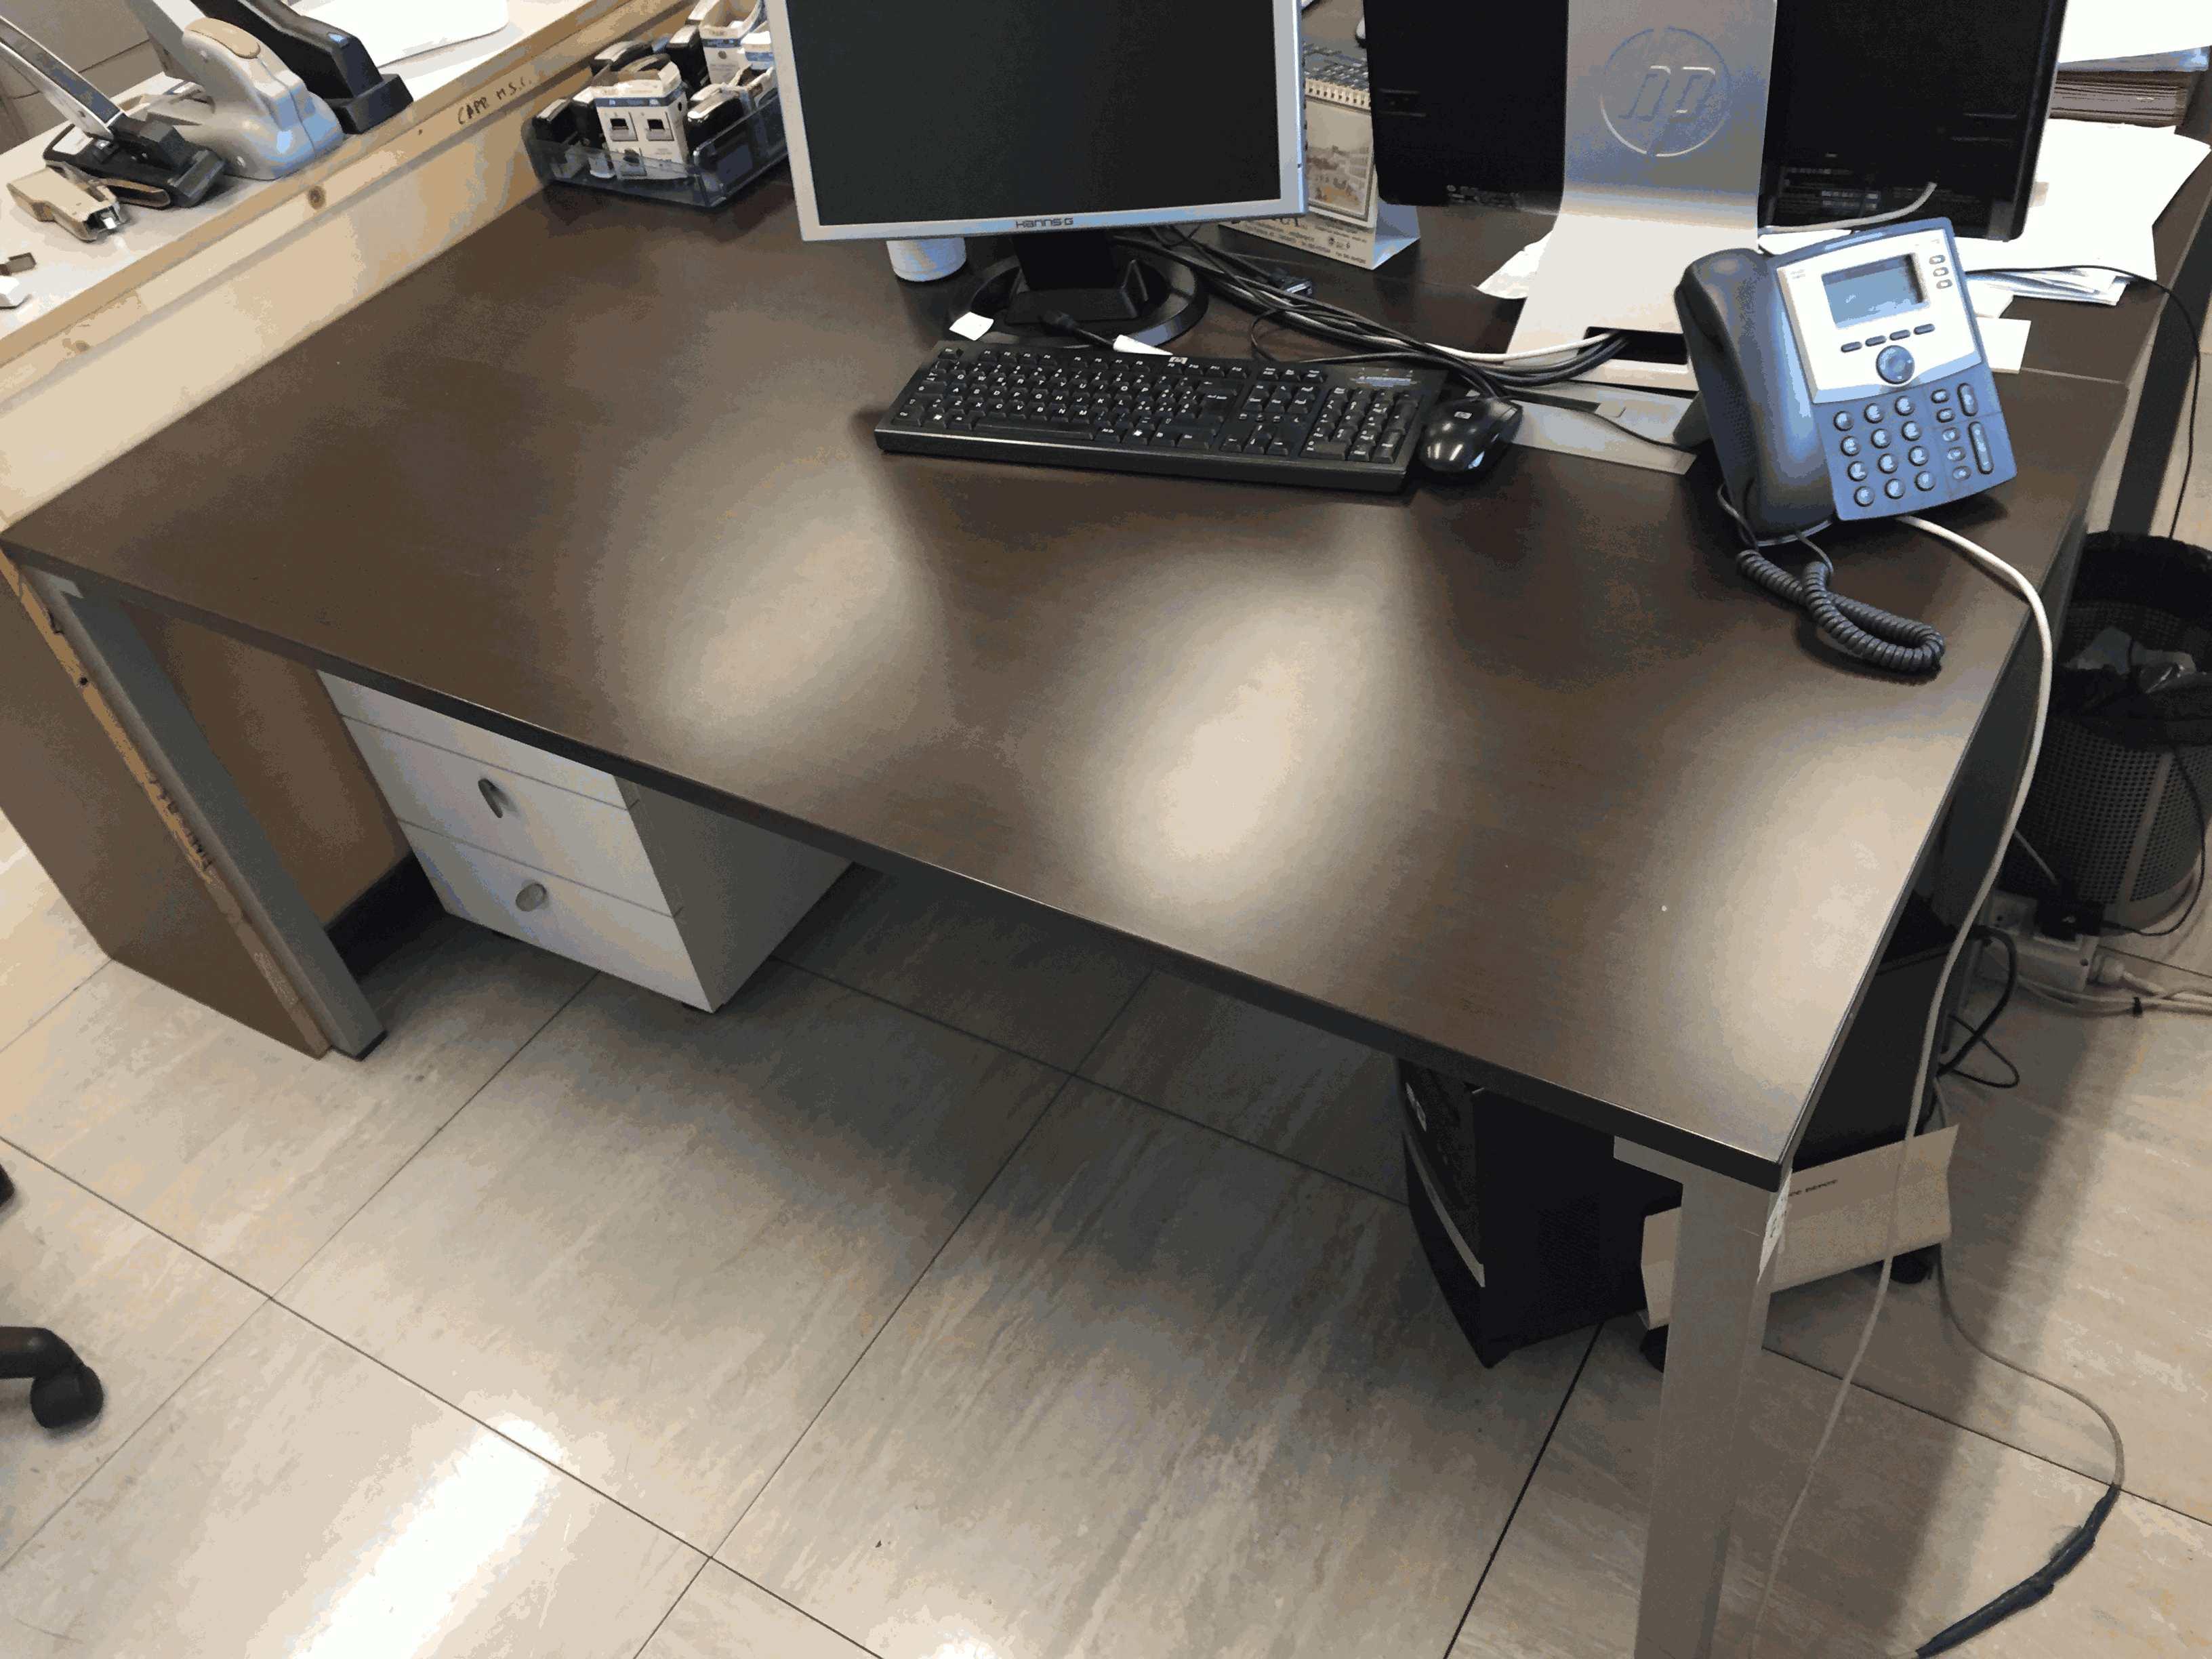 Scrivania Ufficio Normativa : Scrivania uff acquisti cassettiera ufficio acquisti sedia